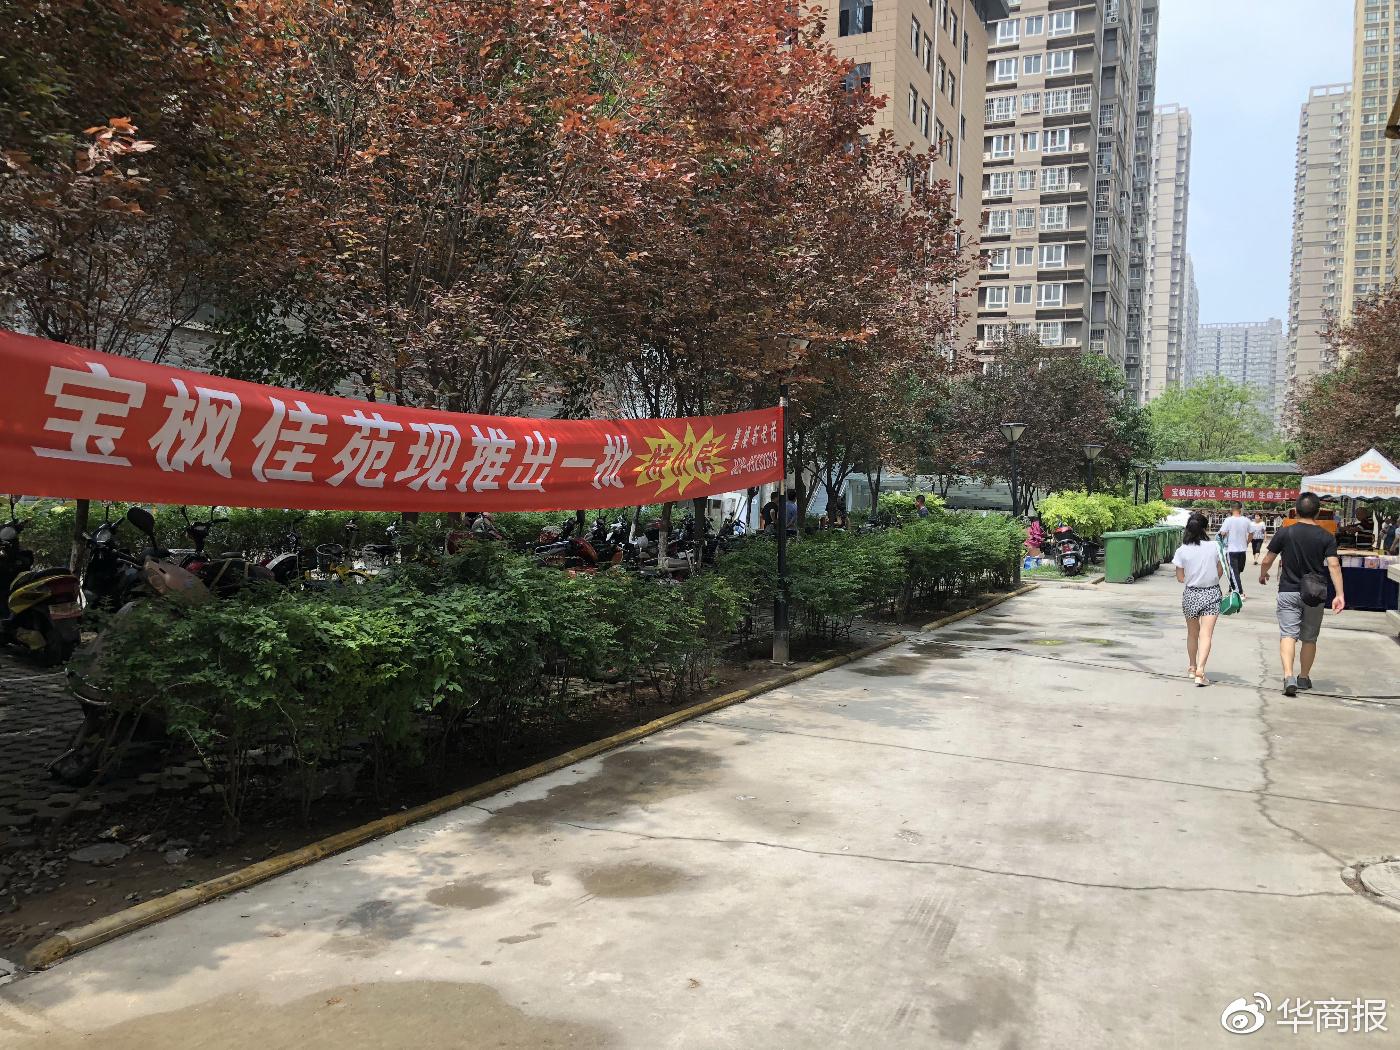 西安宝枫佳苑多名购房者被要求退房 开发商:如果不退房,就要加价购买